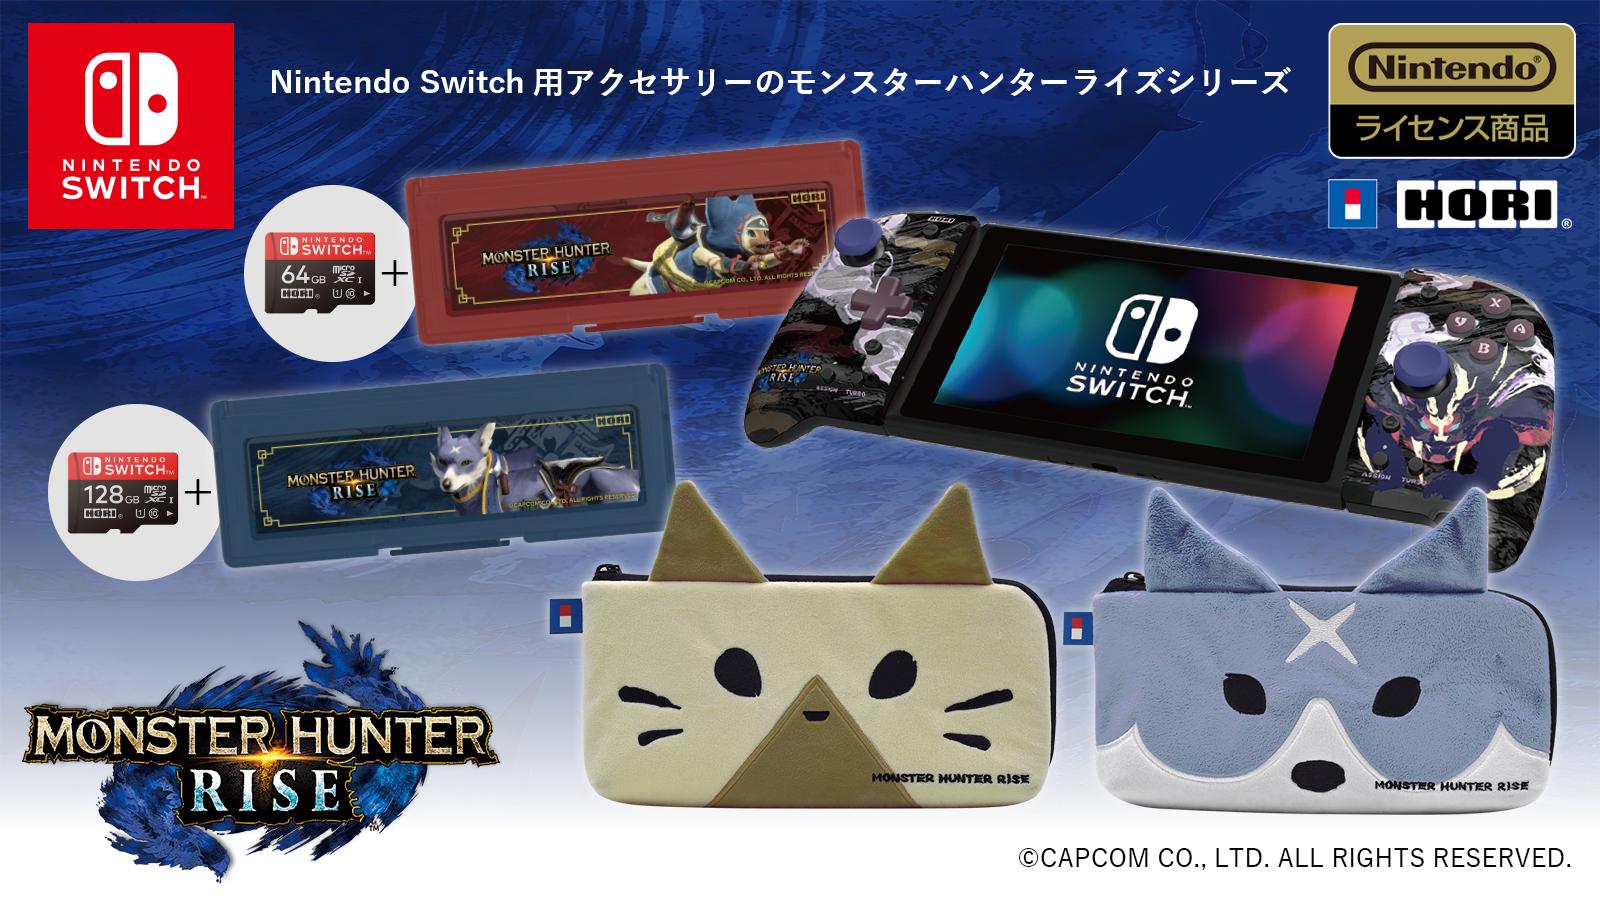 Nintendo Switch 用アクセサリー モンスターハンターライズ Monsterhunterrise (2)